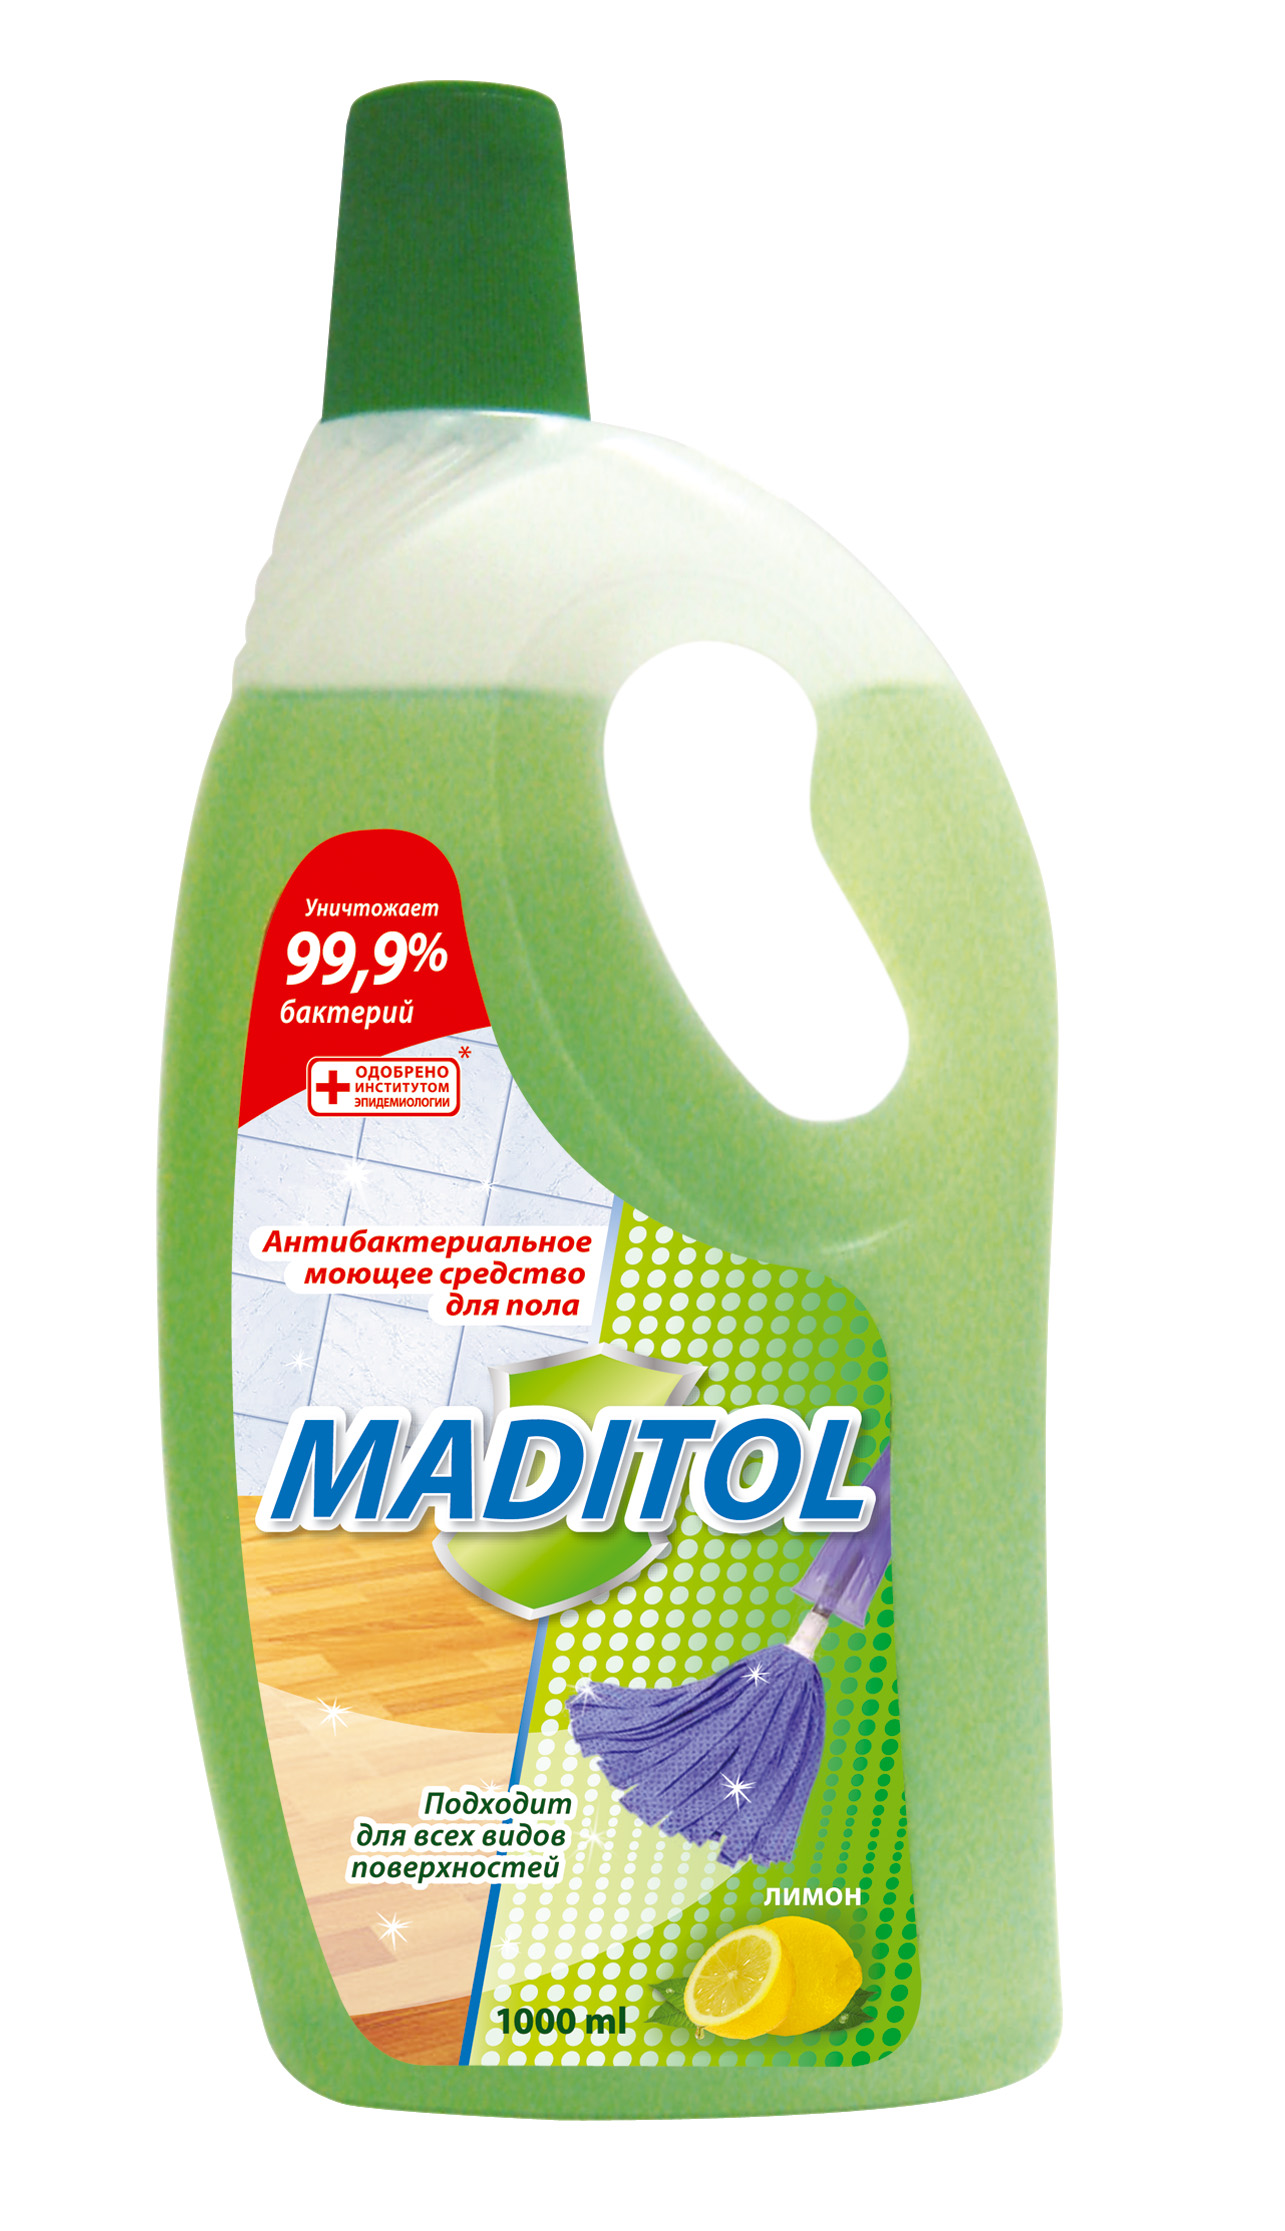 Безопасные моющие средства для дома своими руками